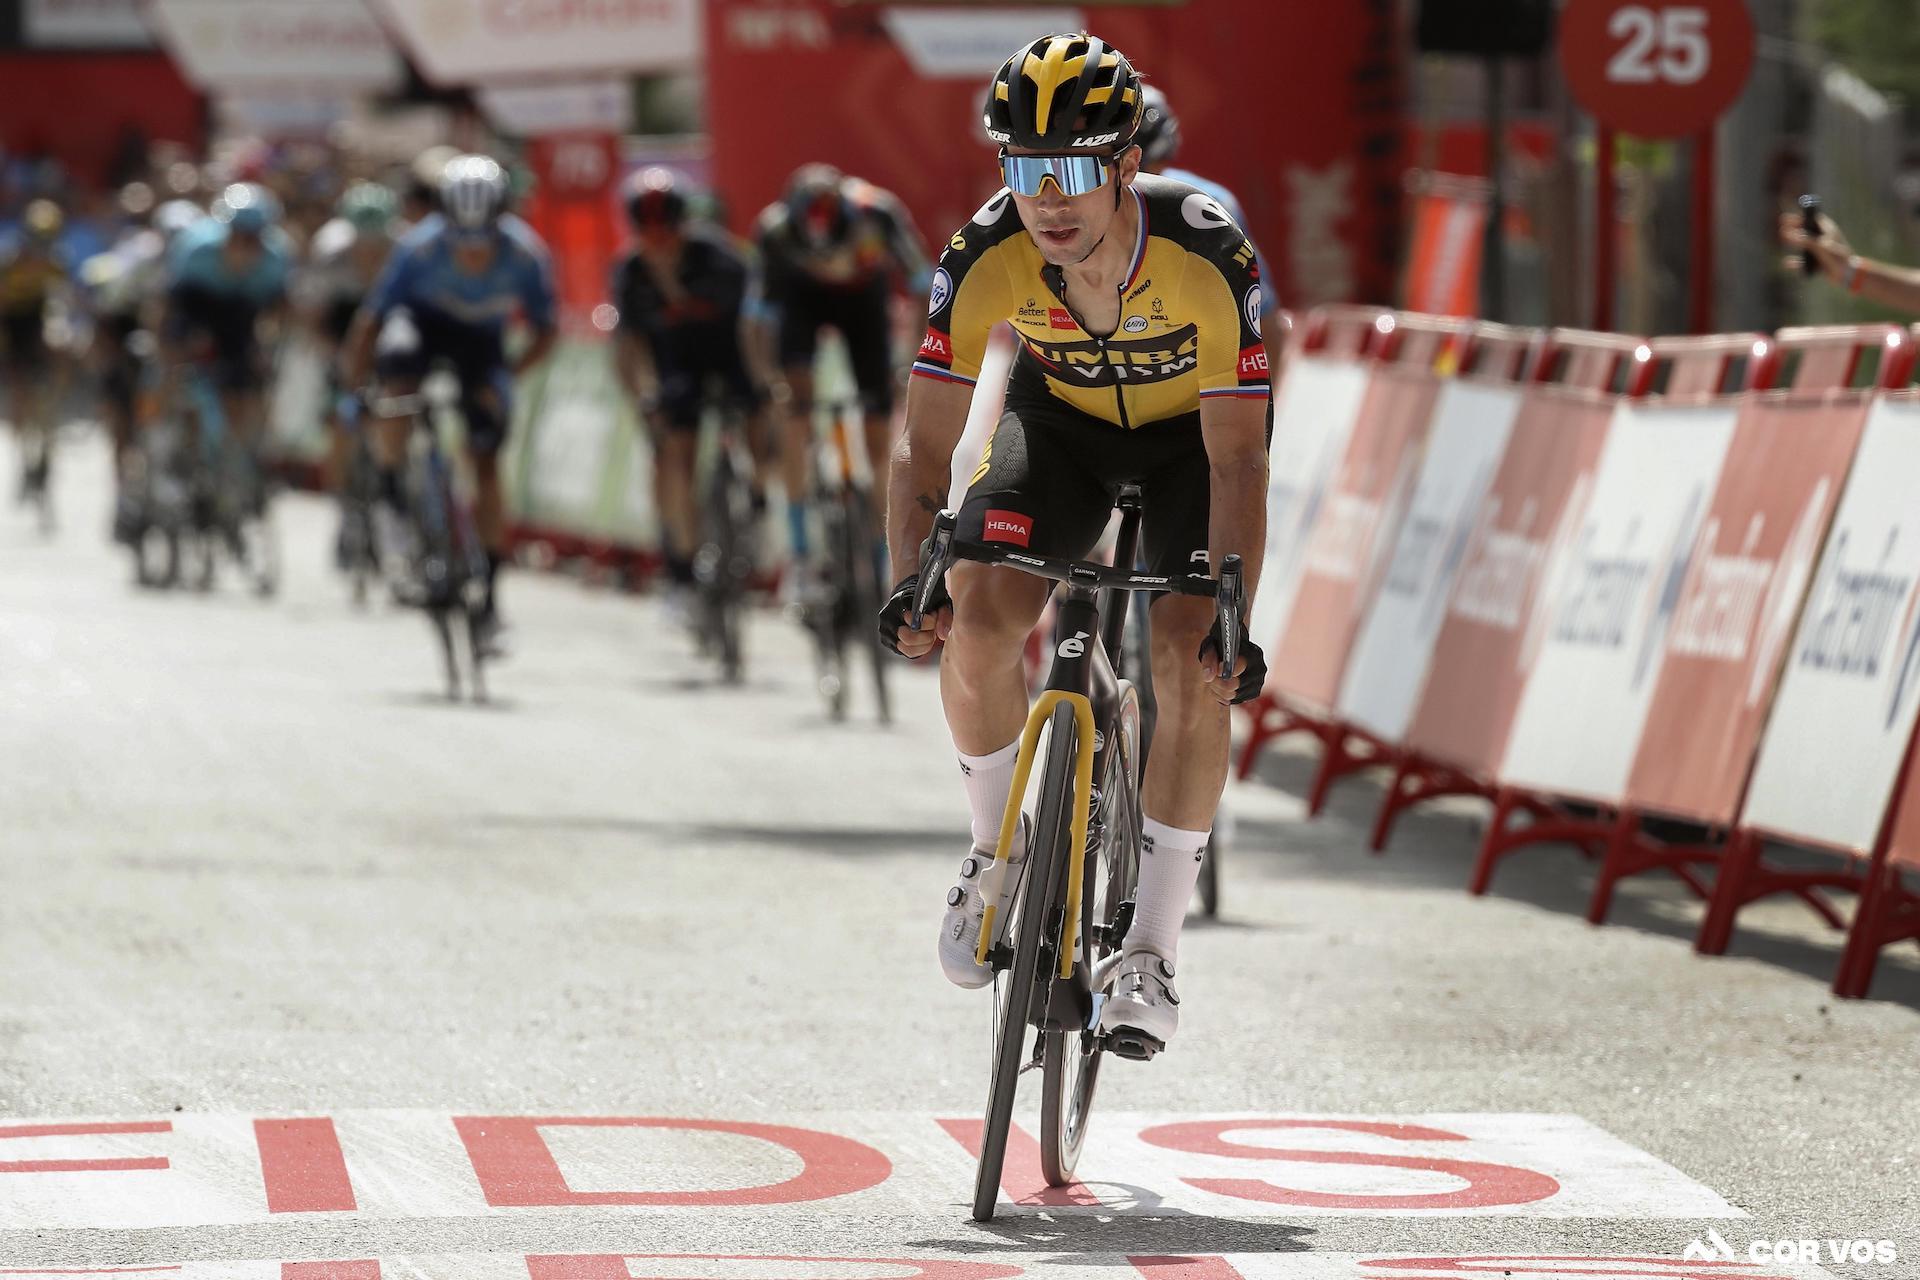 רוגליץ 'מנצח את שלב ה- Vuelta השני בשלב 11